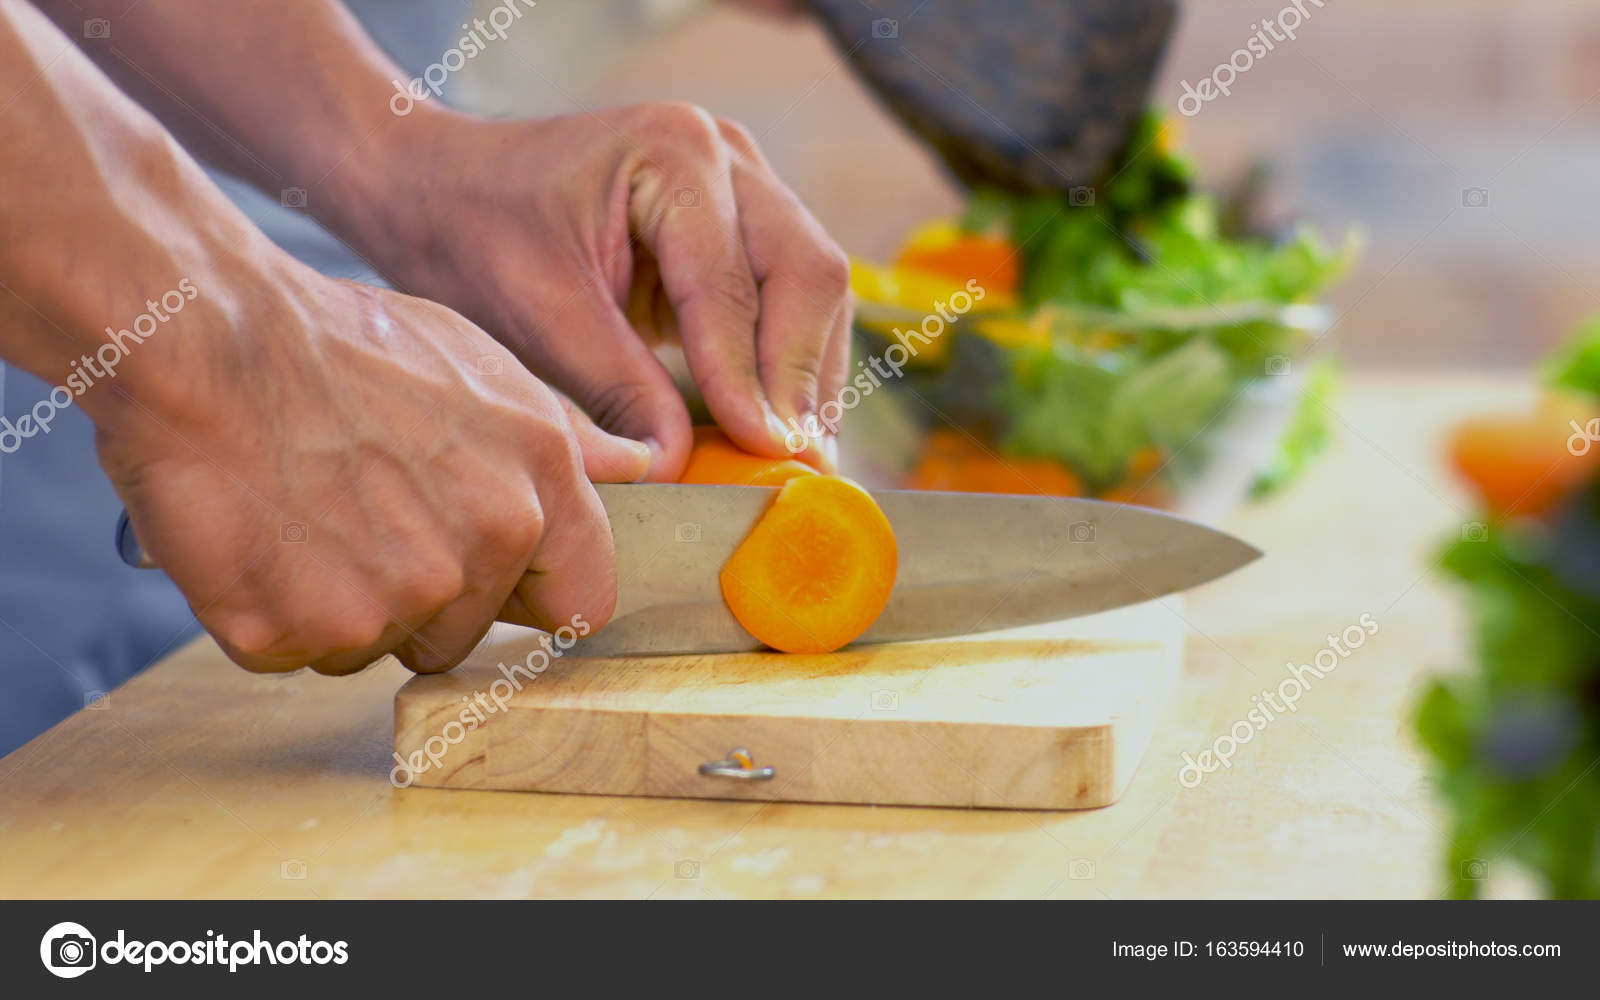 nahaufnahme der hand des mannes ist die karotte in das glas